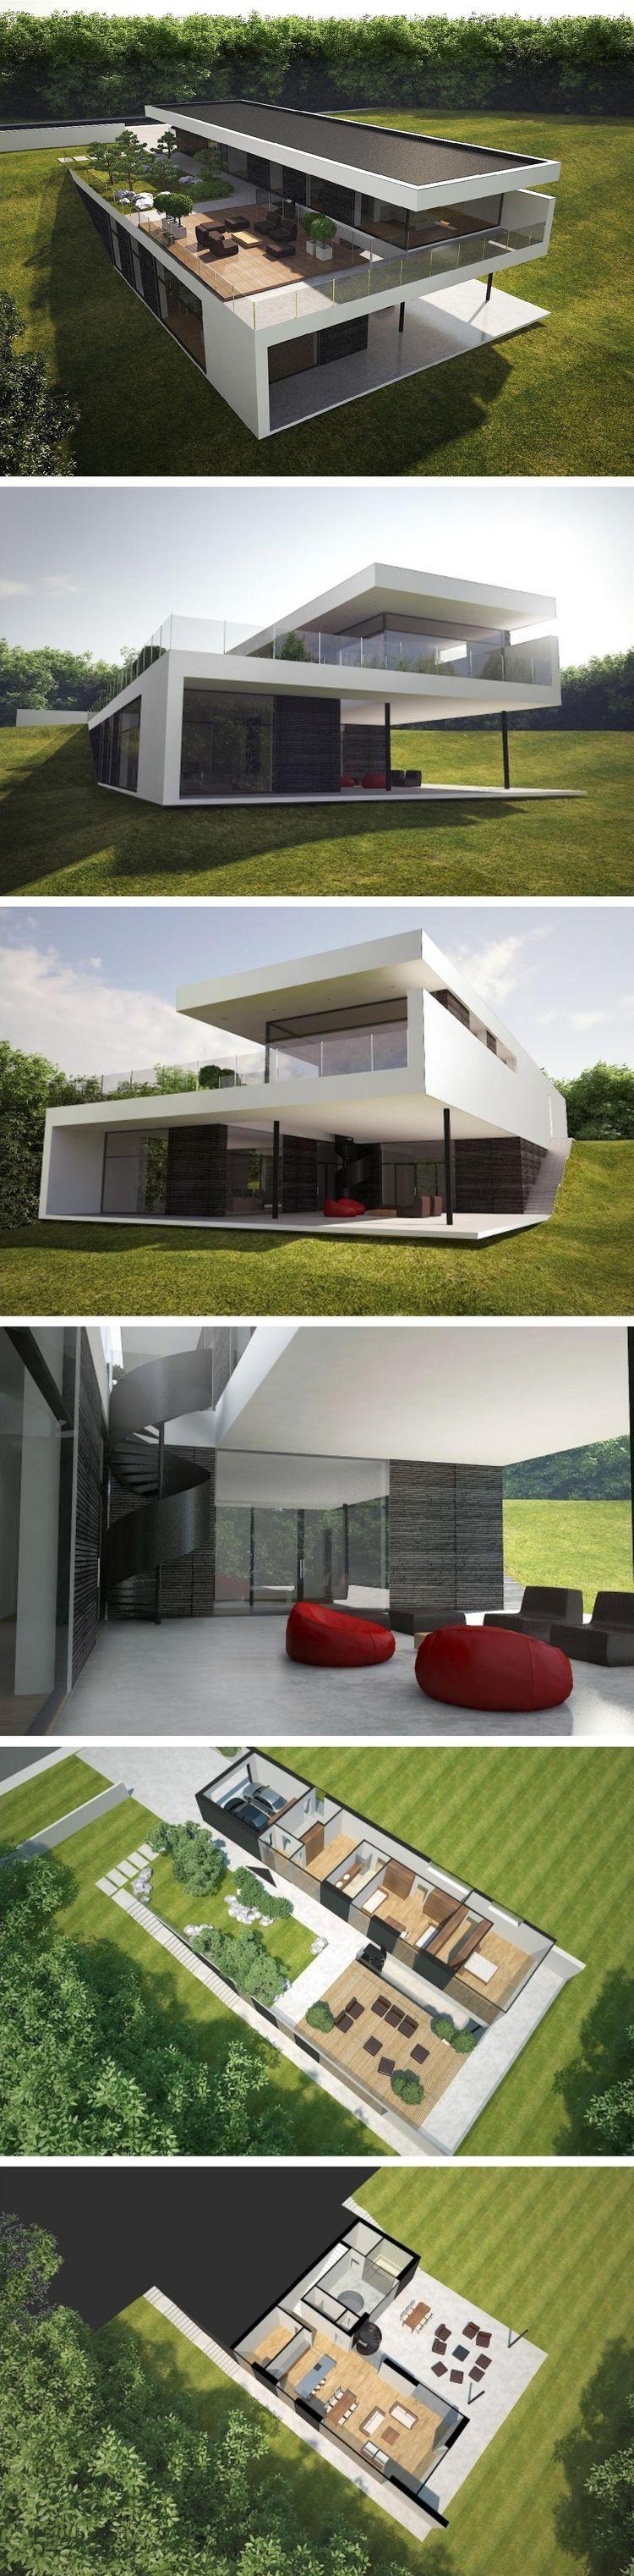 Hausbau Gut Planen Um Ein Modernes Zu Bauen Sollten Sie Ihren Gutu2026